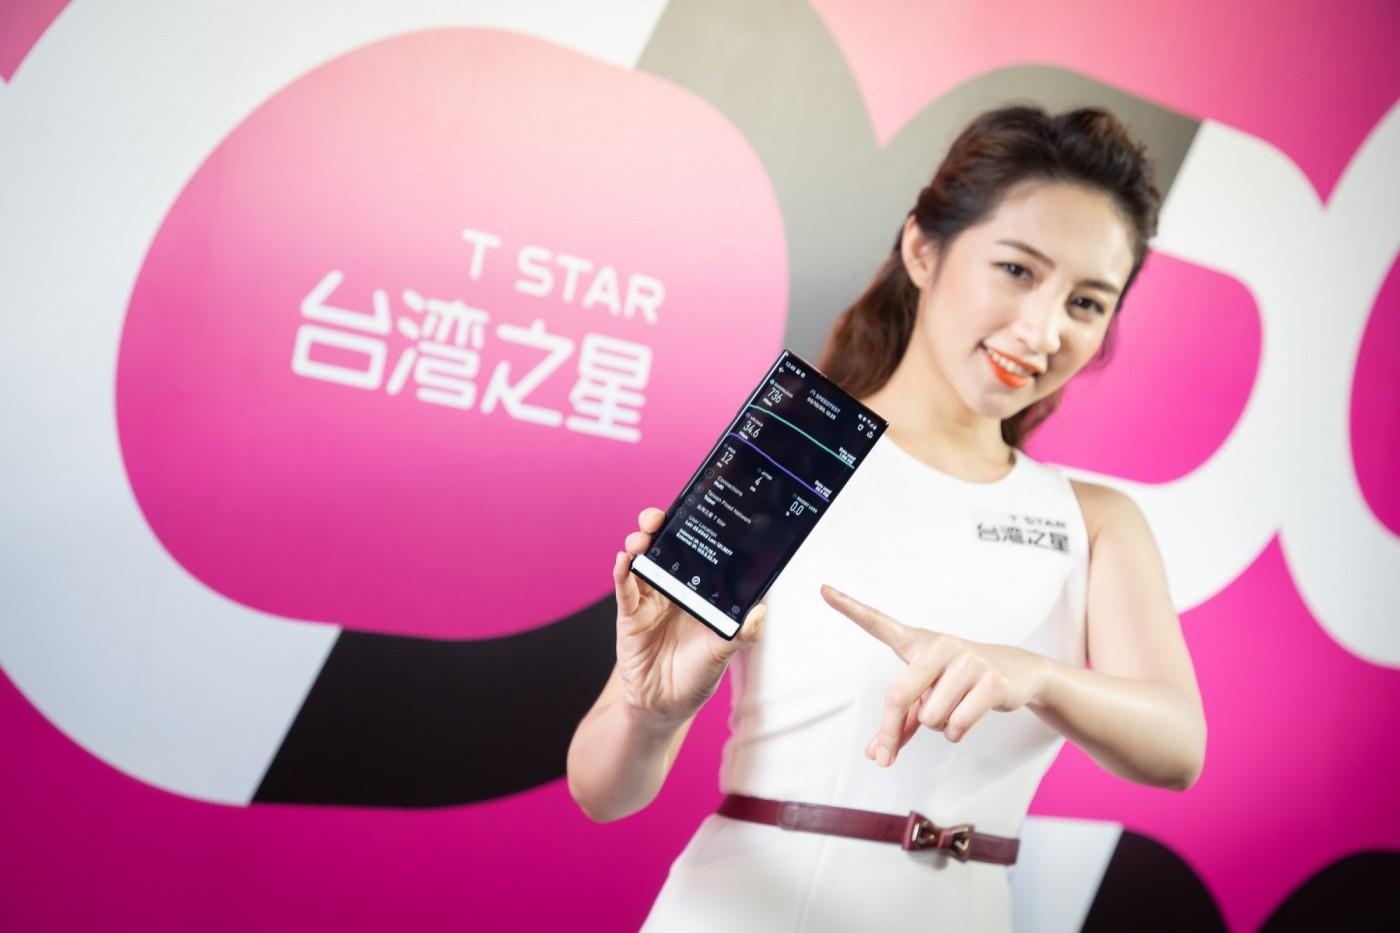 曾有望與台灣大共享5G頻譜?台灣之星嘆:戀愛關係被「錢」破壞